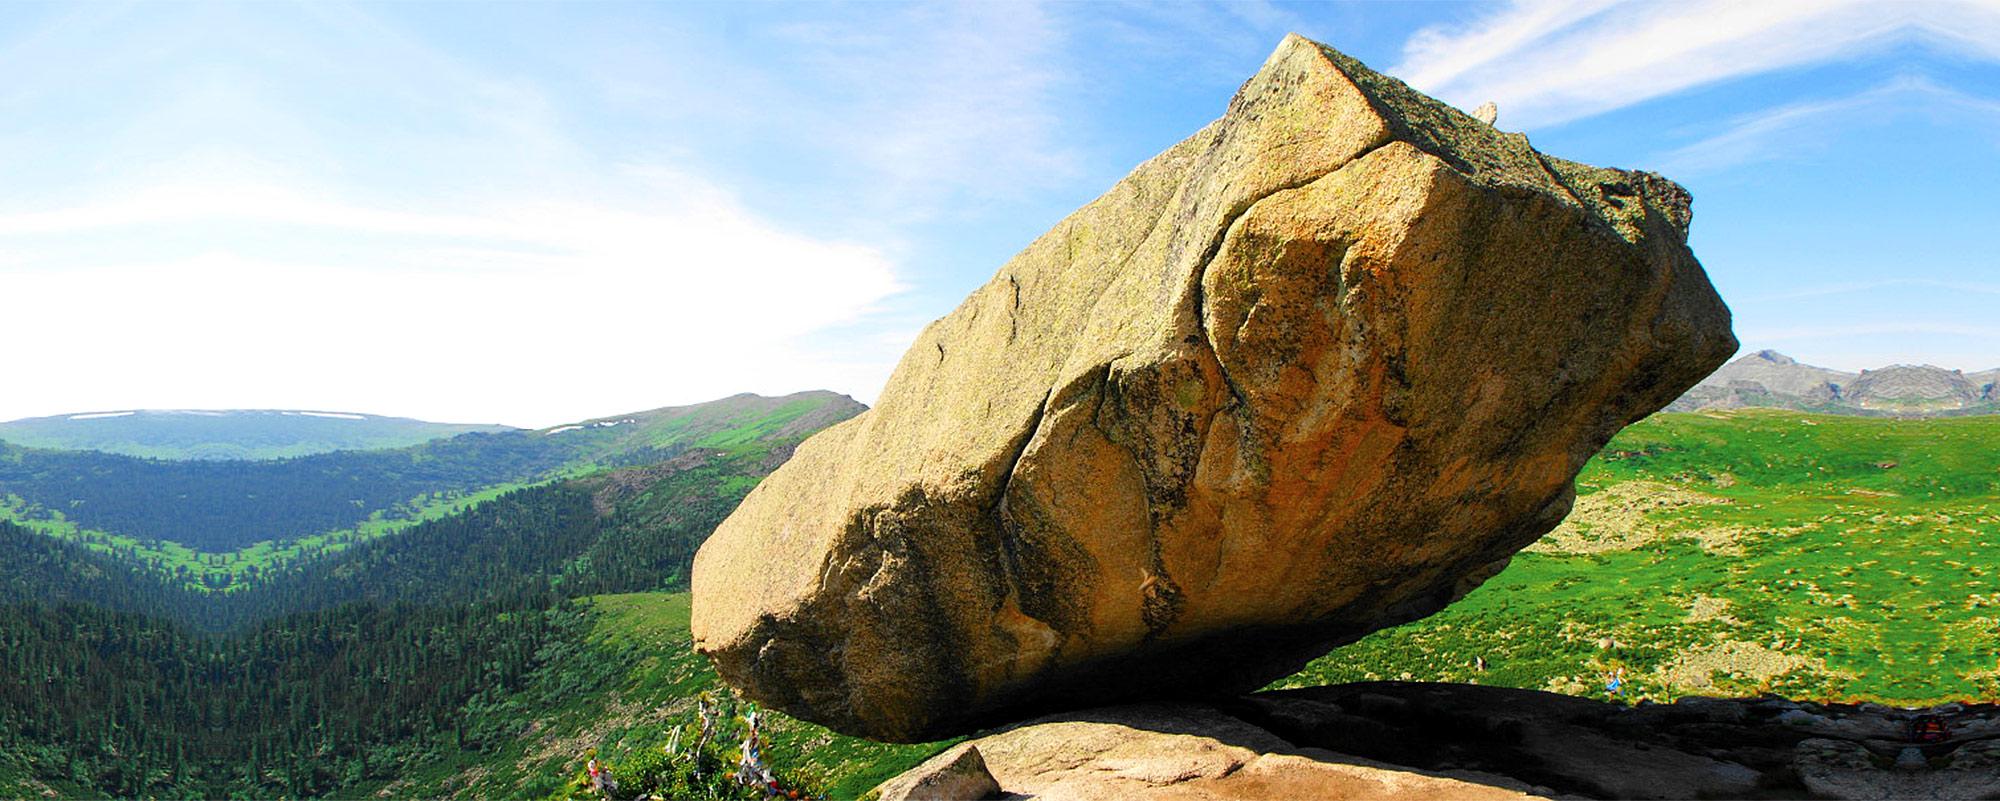 Маршрут на висячий камень